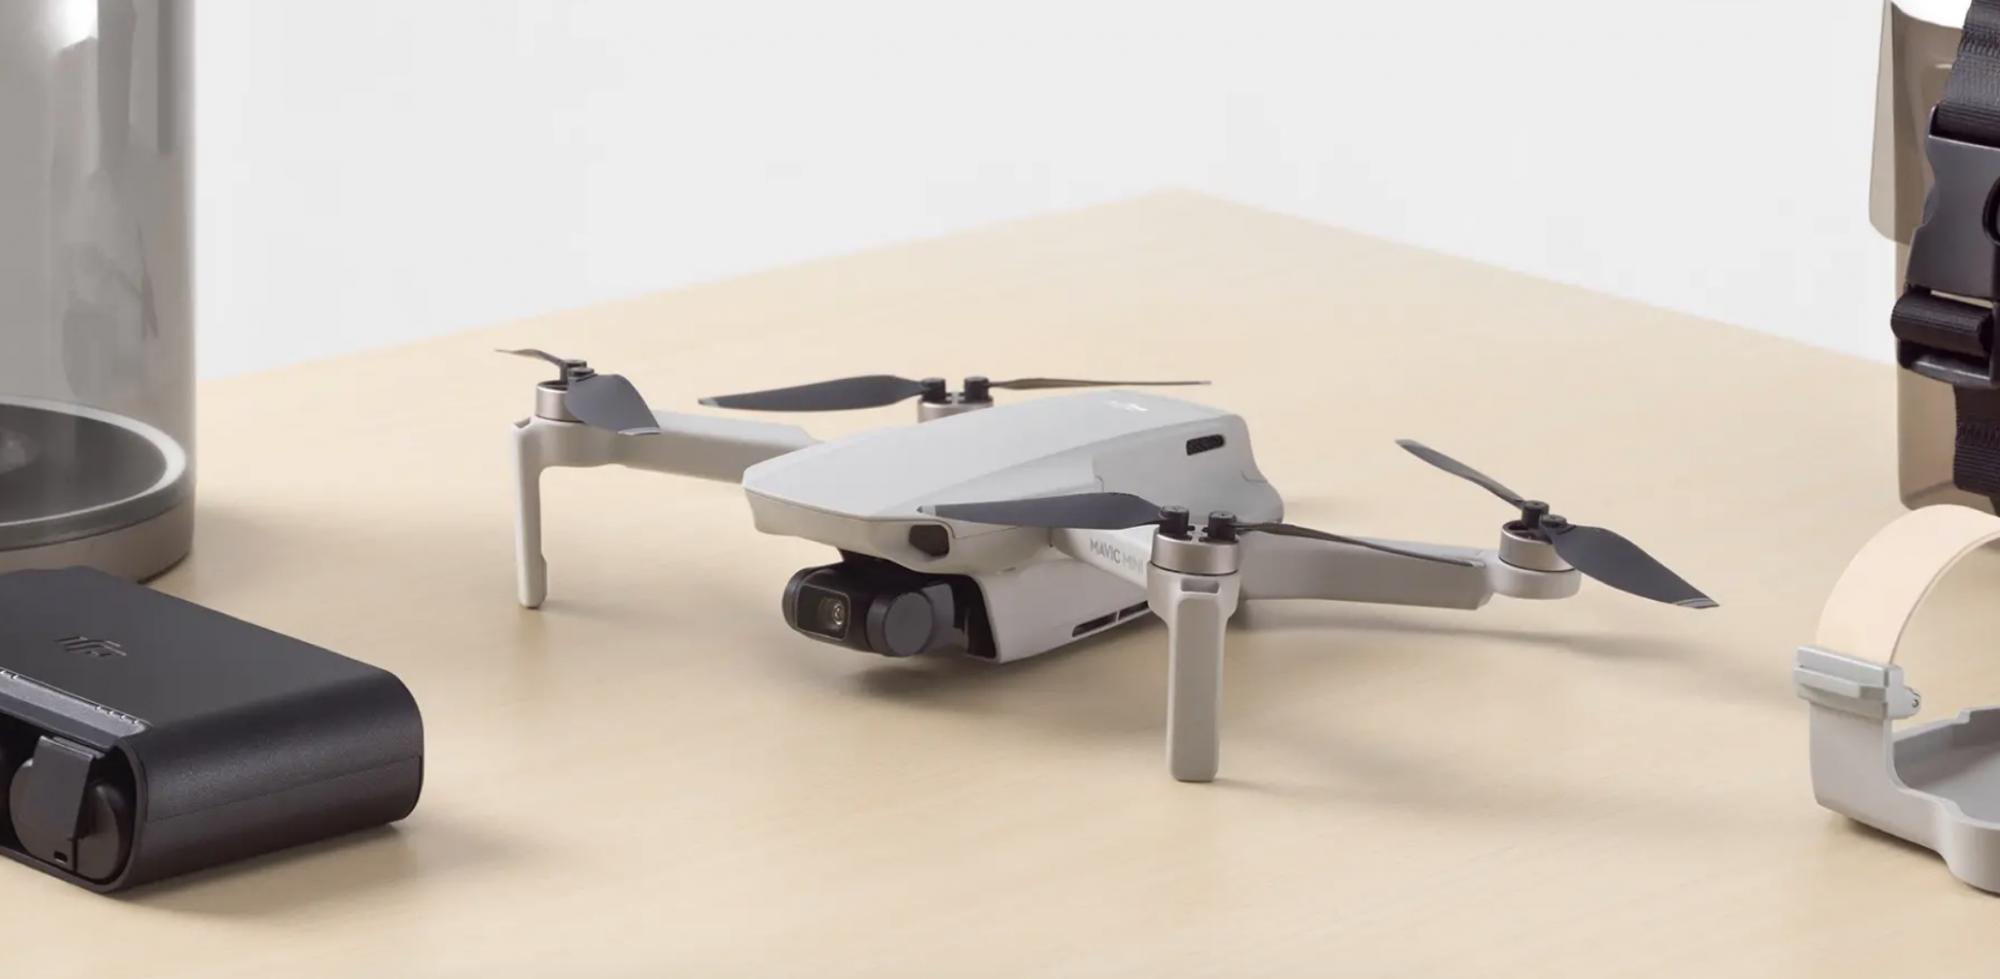 DJI Mavic Mini ufficiale: il drone più compatto e leggero thumbnail